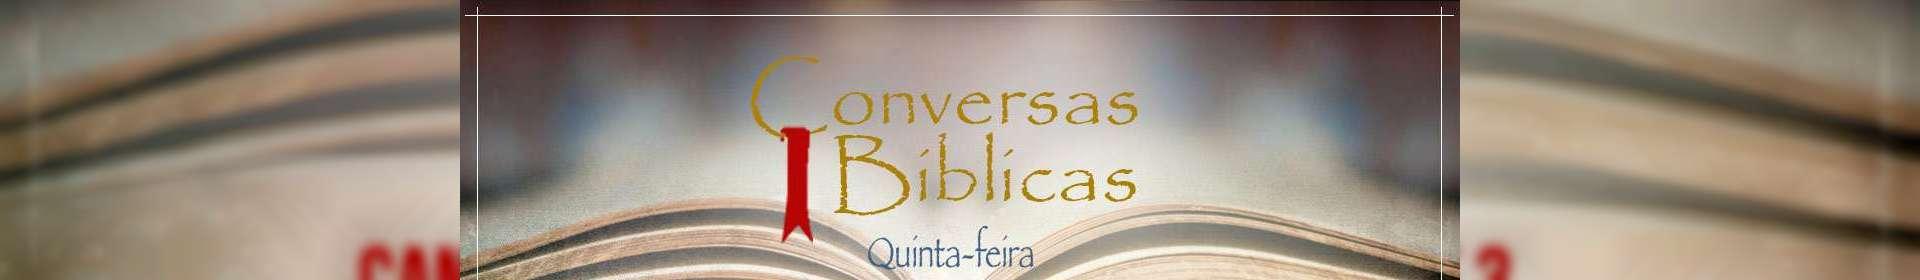 Conversas Bíblicas: Cantares - Israel e a Igreja - Parte 3